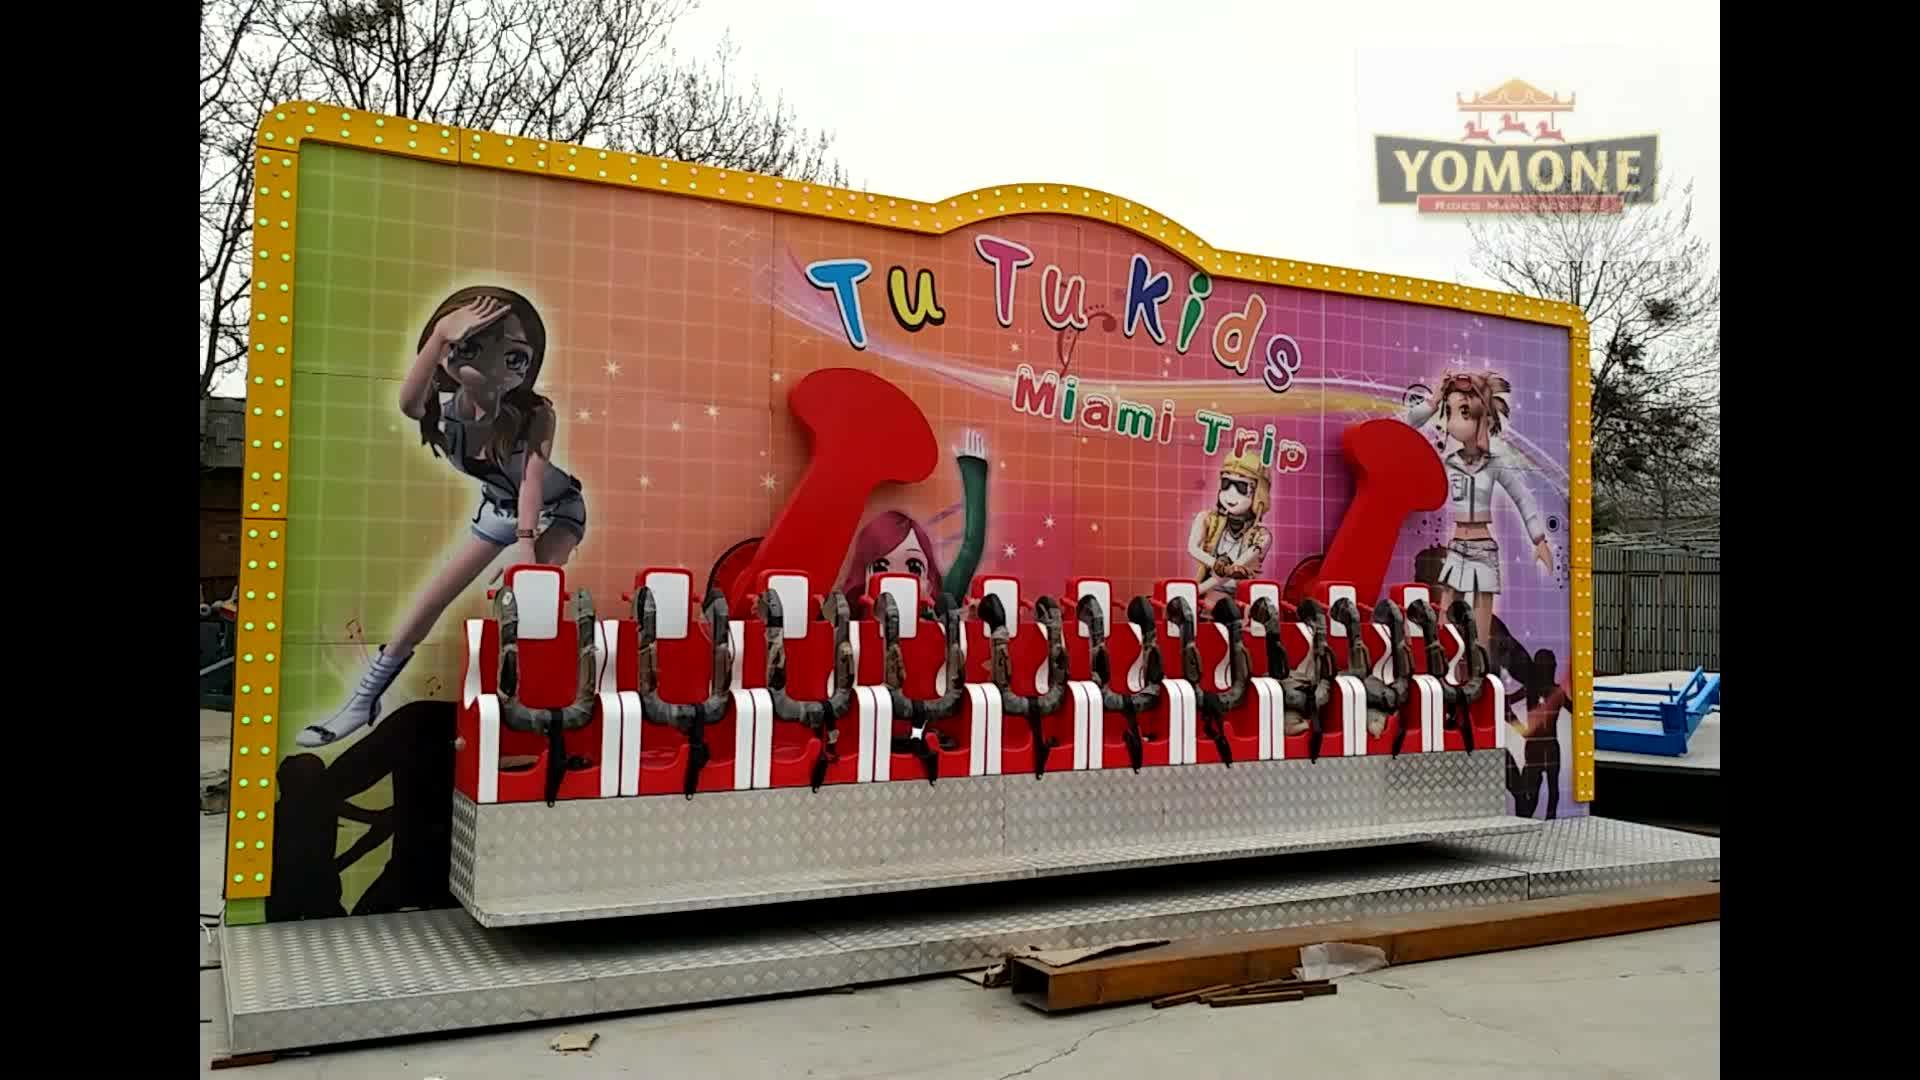 Yomone de fábrica niños carnaval mini miami loco olas nuevo paseos del parque de atracciones para la venta